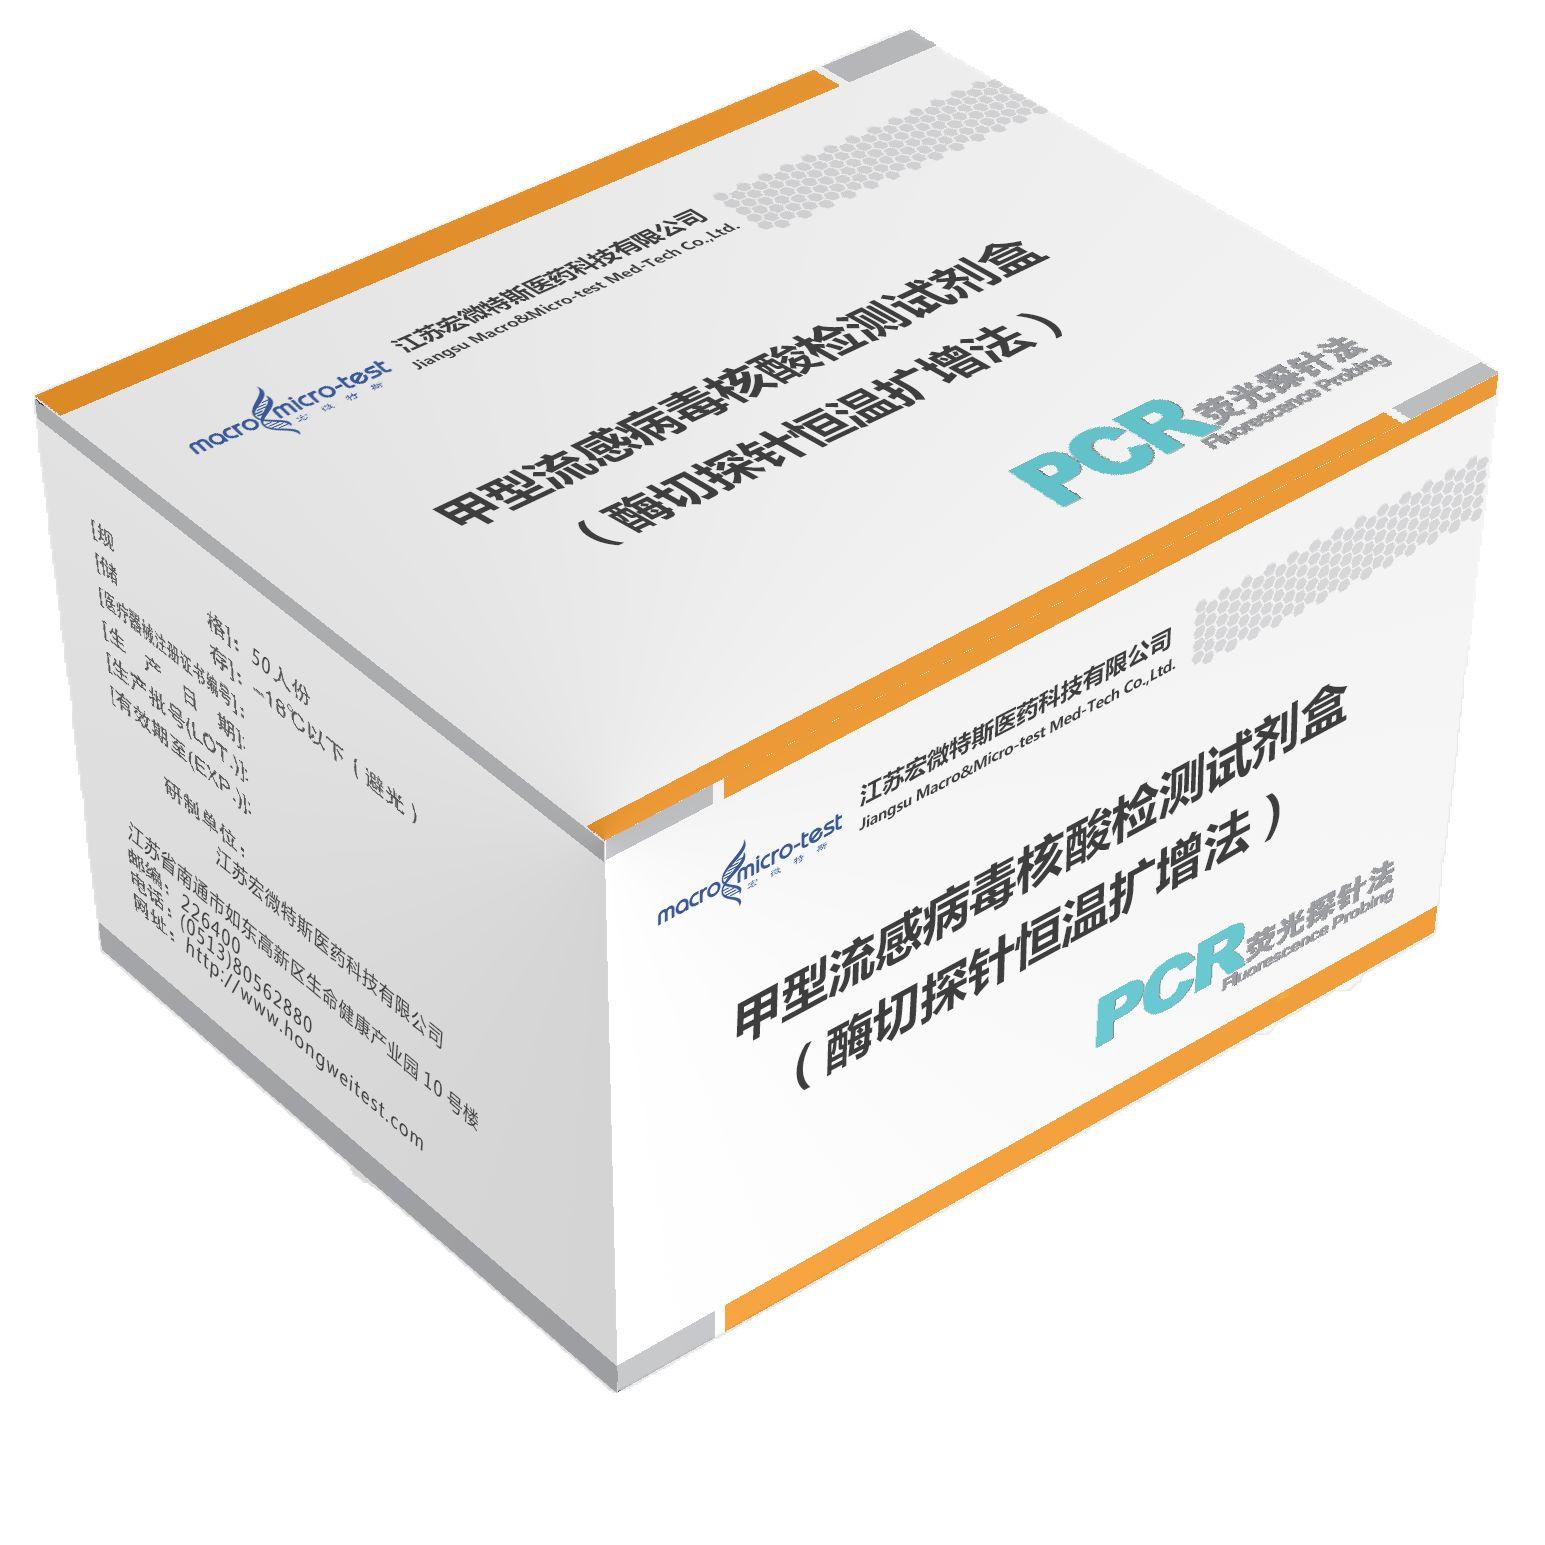 甲型流感病毒核酸检测试剂盒(酶切探针恒温扩增法)